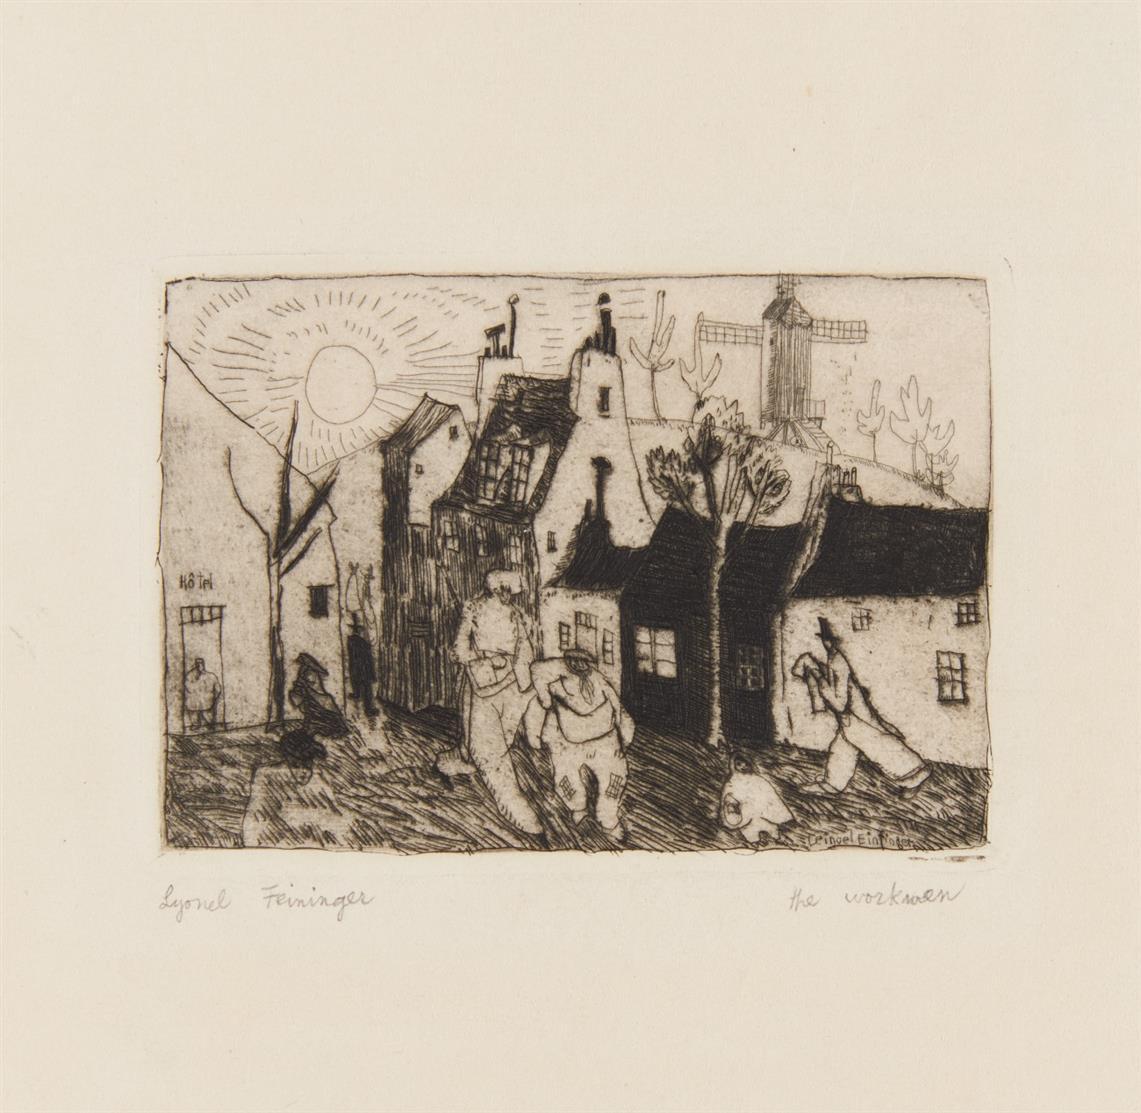 Lyonel Feininger. The workmen (Die Arbeiter). 1910/11. Radierung und Kaltnadel. Prasse E20.